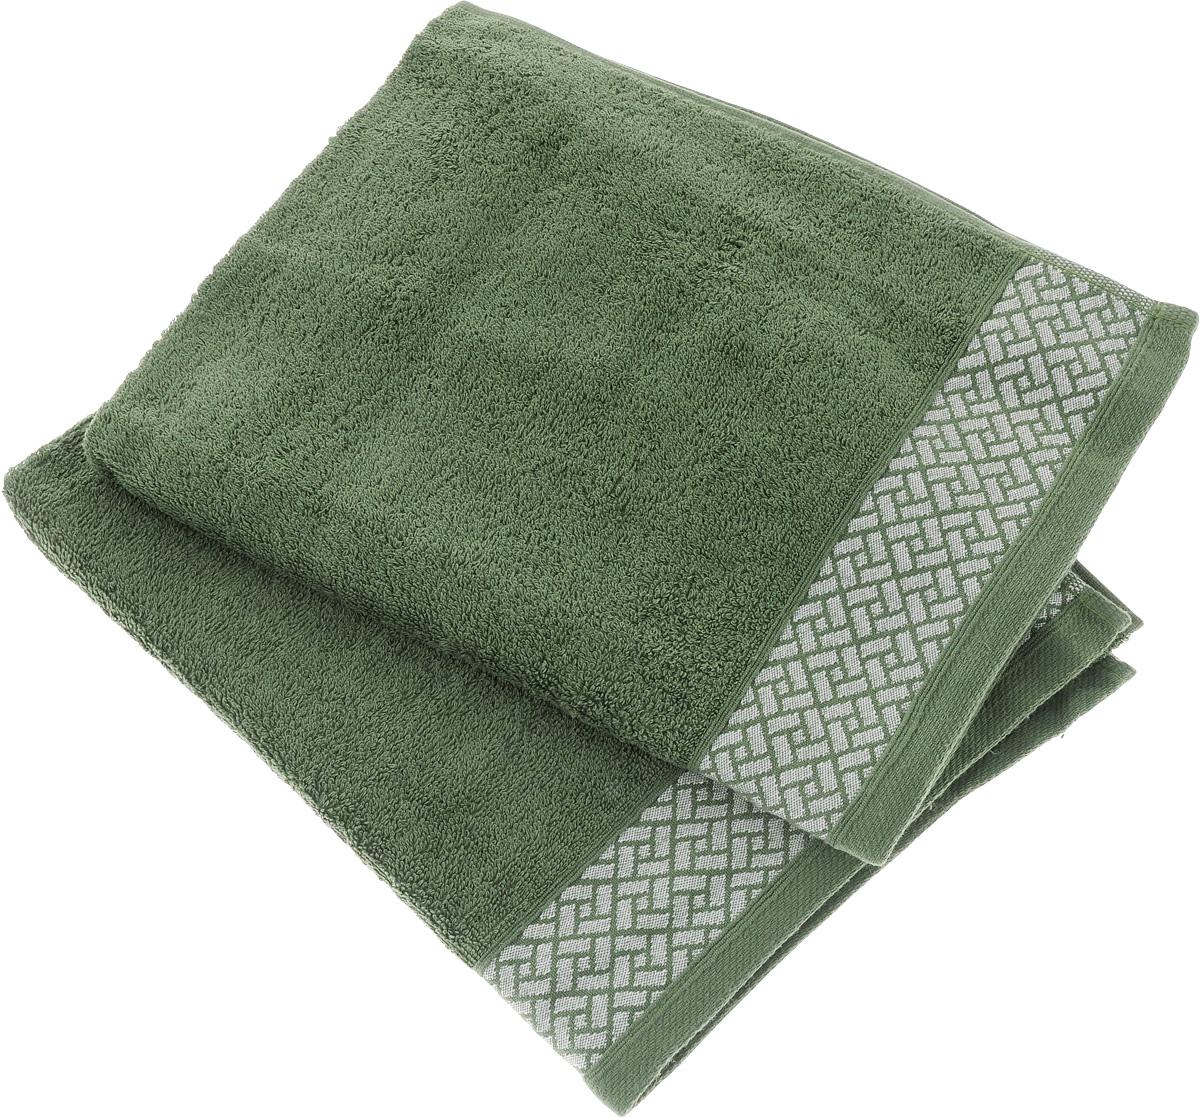 Набор полотенец Tete-a-Tete Лабиринт, цвет: зеленый, 50 х 90 см, 2 шт. УП-009УП-009-01-2Набор Tete-a-Tete Лабиринт состоит из двух махровых полотенец, выполненных из натурального 100% хлопка. Бордюр полотенец декорирован геометрическим узором. Изделия мягкие, отлично впитывают влагу, быстро сохнут, сохраняют яркость цвета и не теряют форму даже после многократных стирок. Полотенца Tete-a-Tete Лабиринт очень практичны и неприхотливы в уходе. Они легко впишутся в любой интерьер благодаря своей нежной цветовой гамме. Размер полотенца: 50 х 90 см.